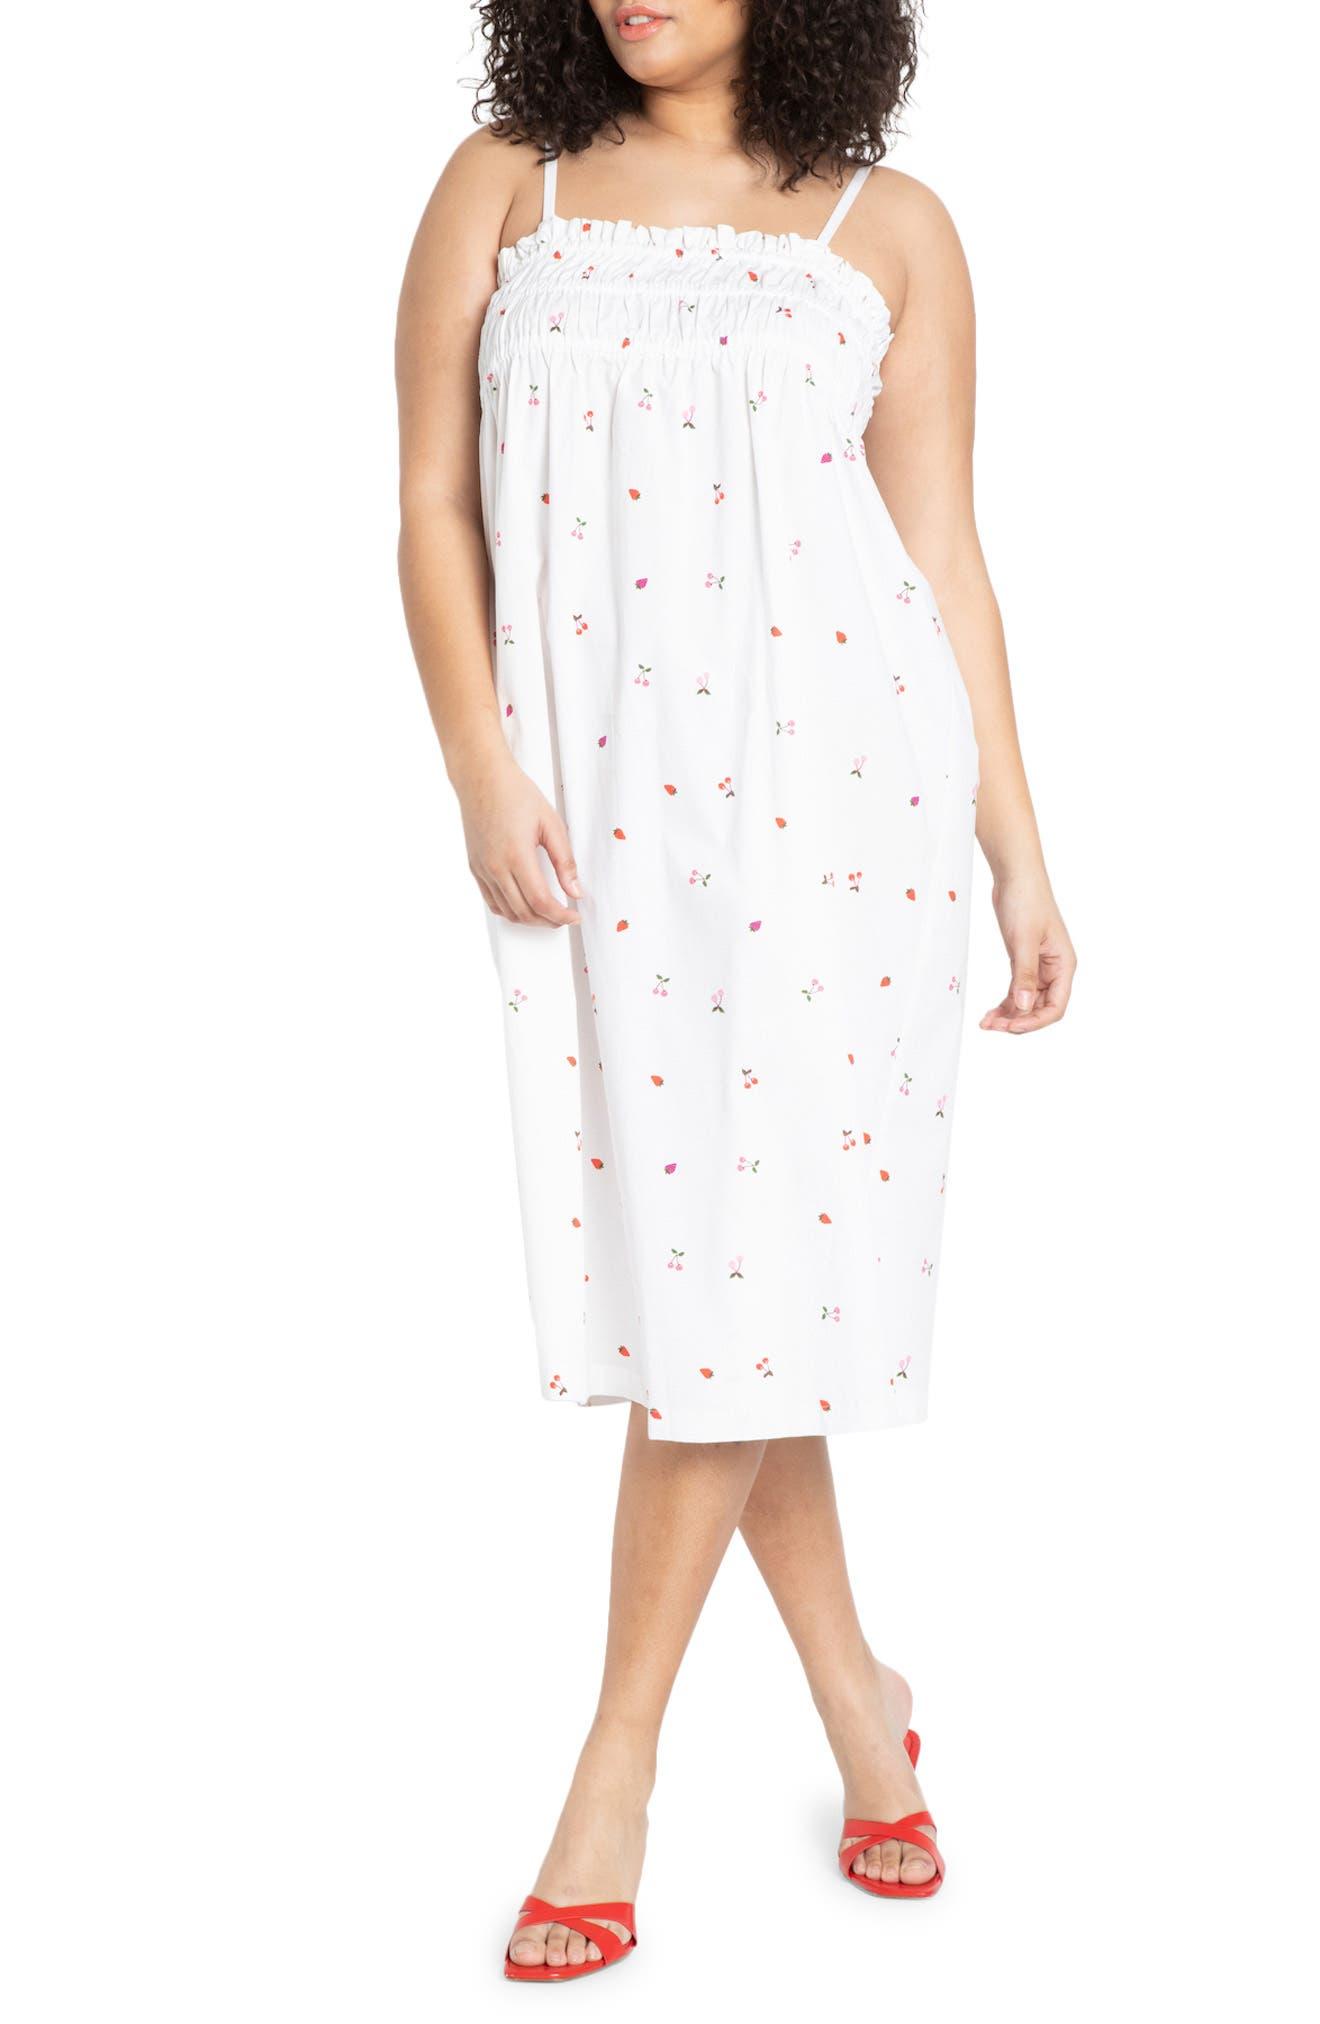 Smocked Sleeveless Midi Dress